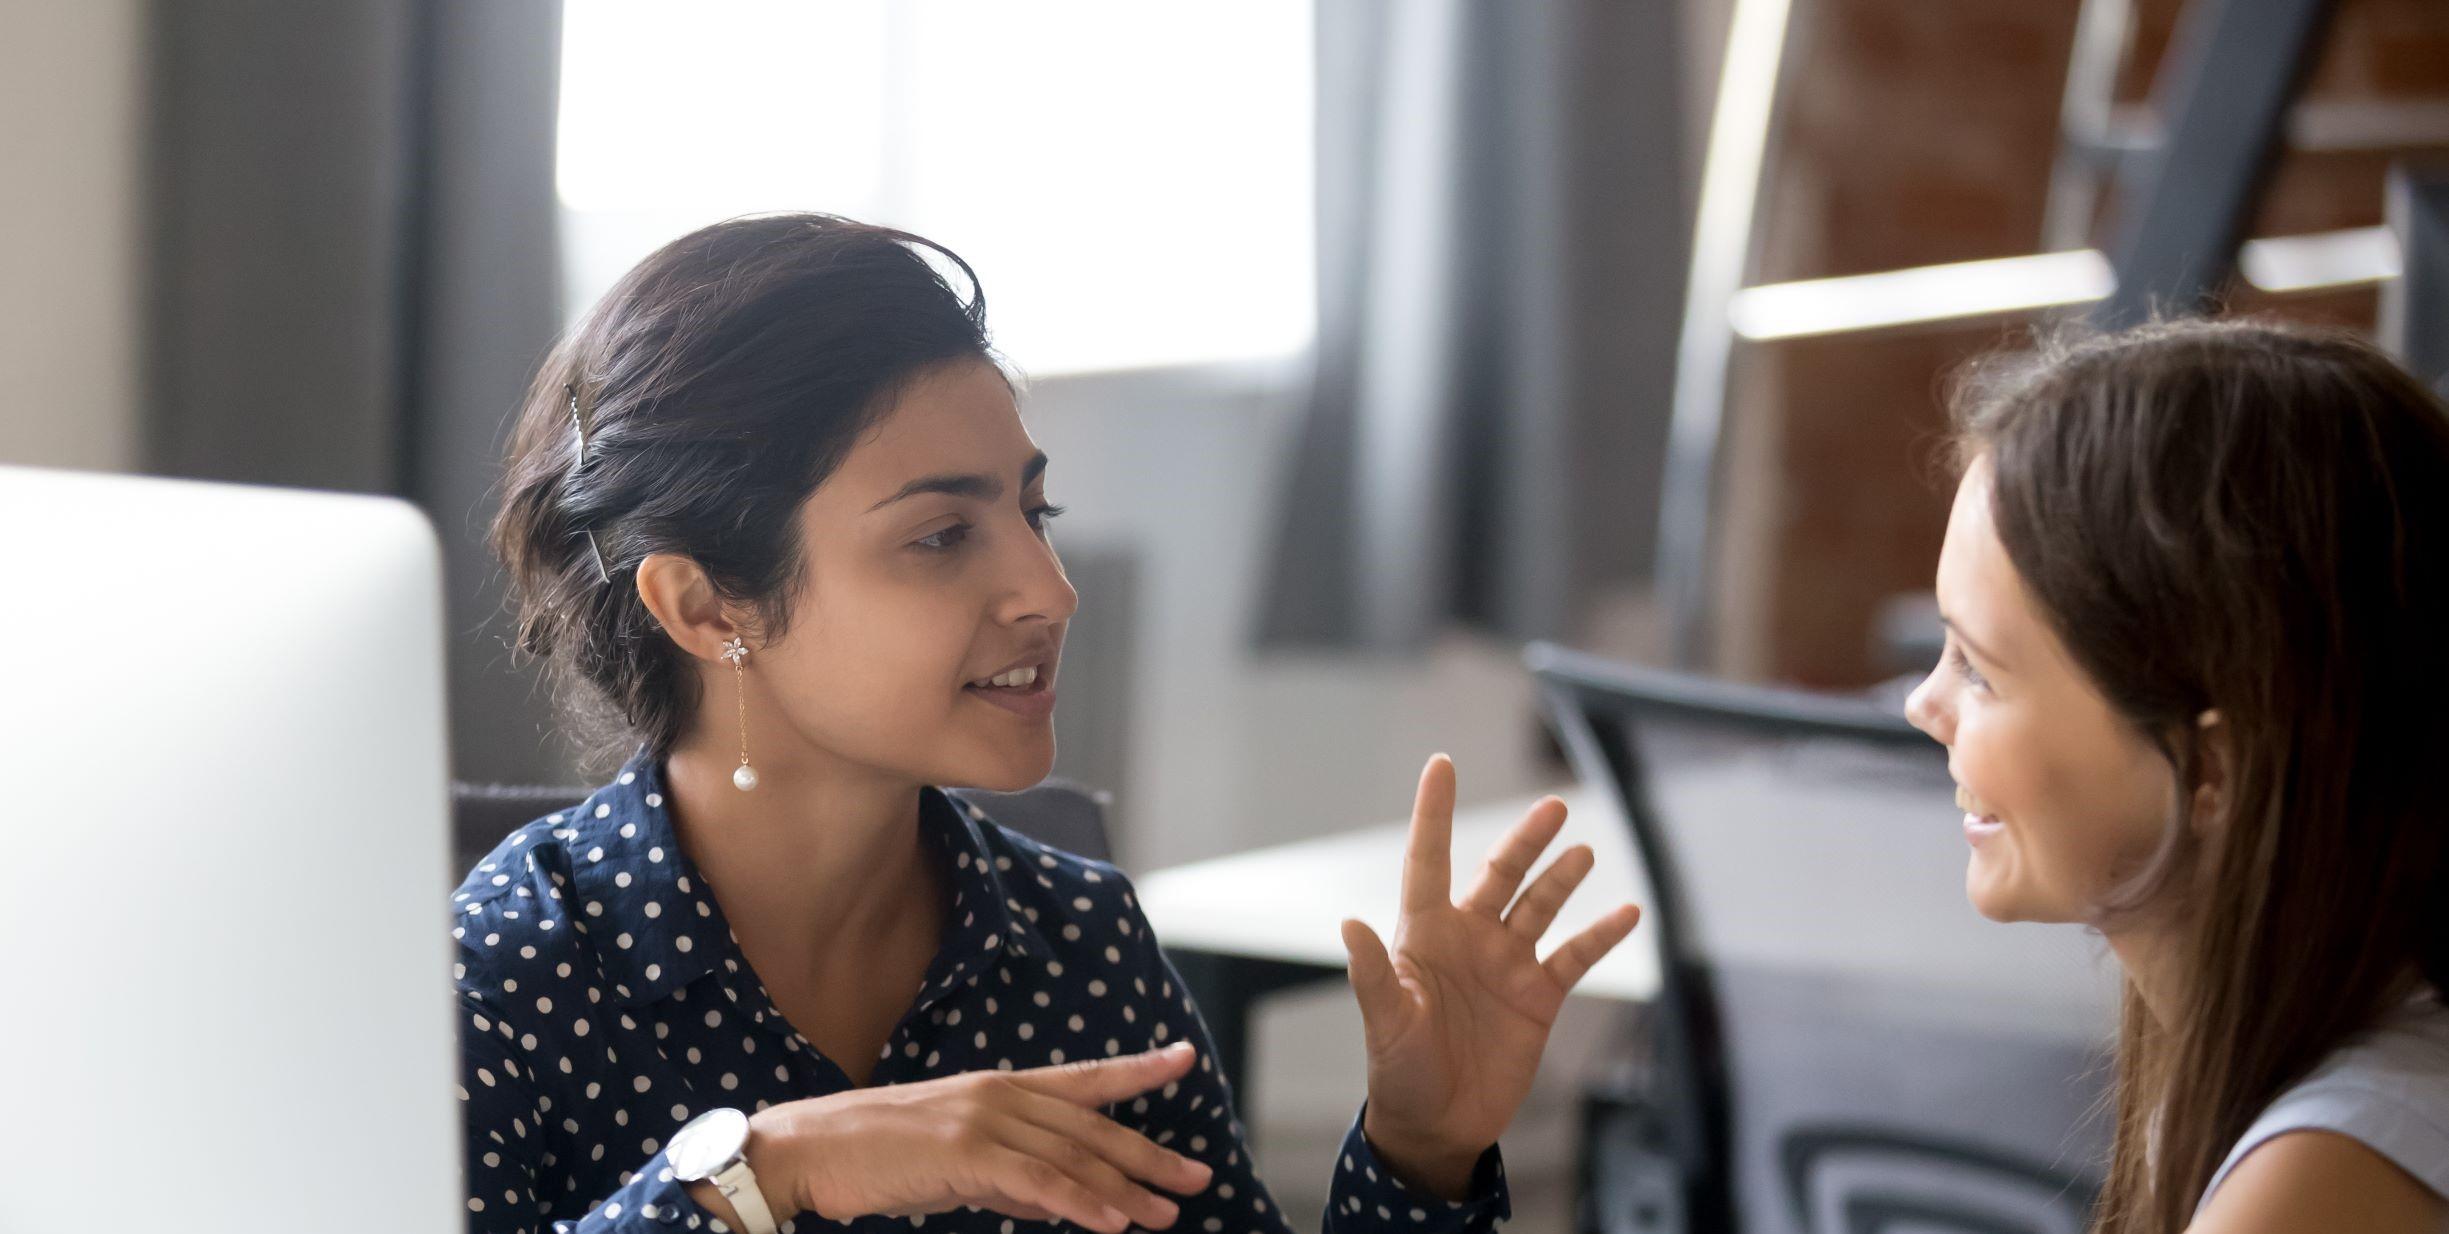 Two women talking at an office desk